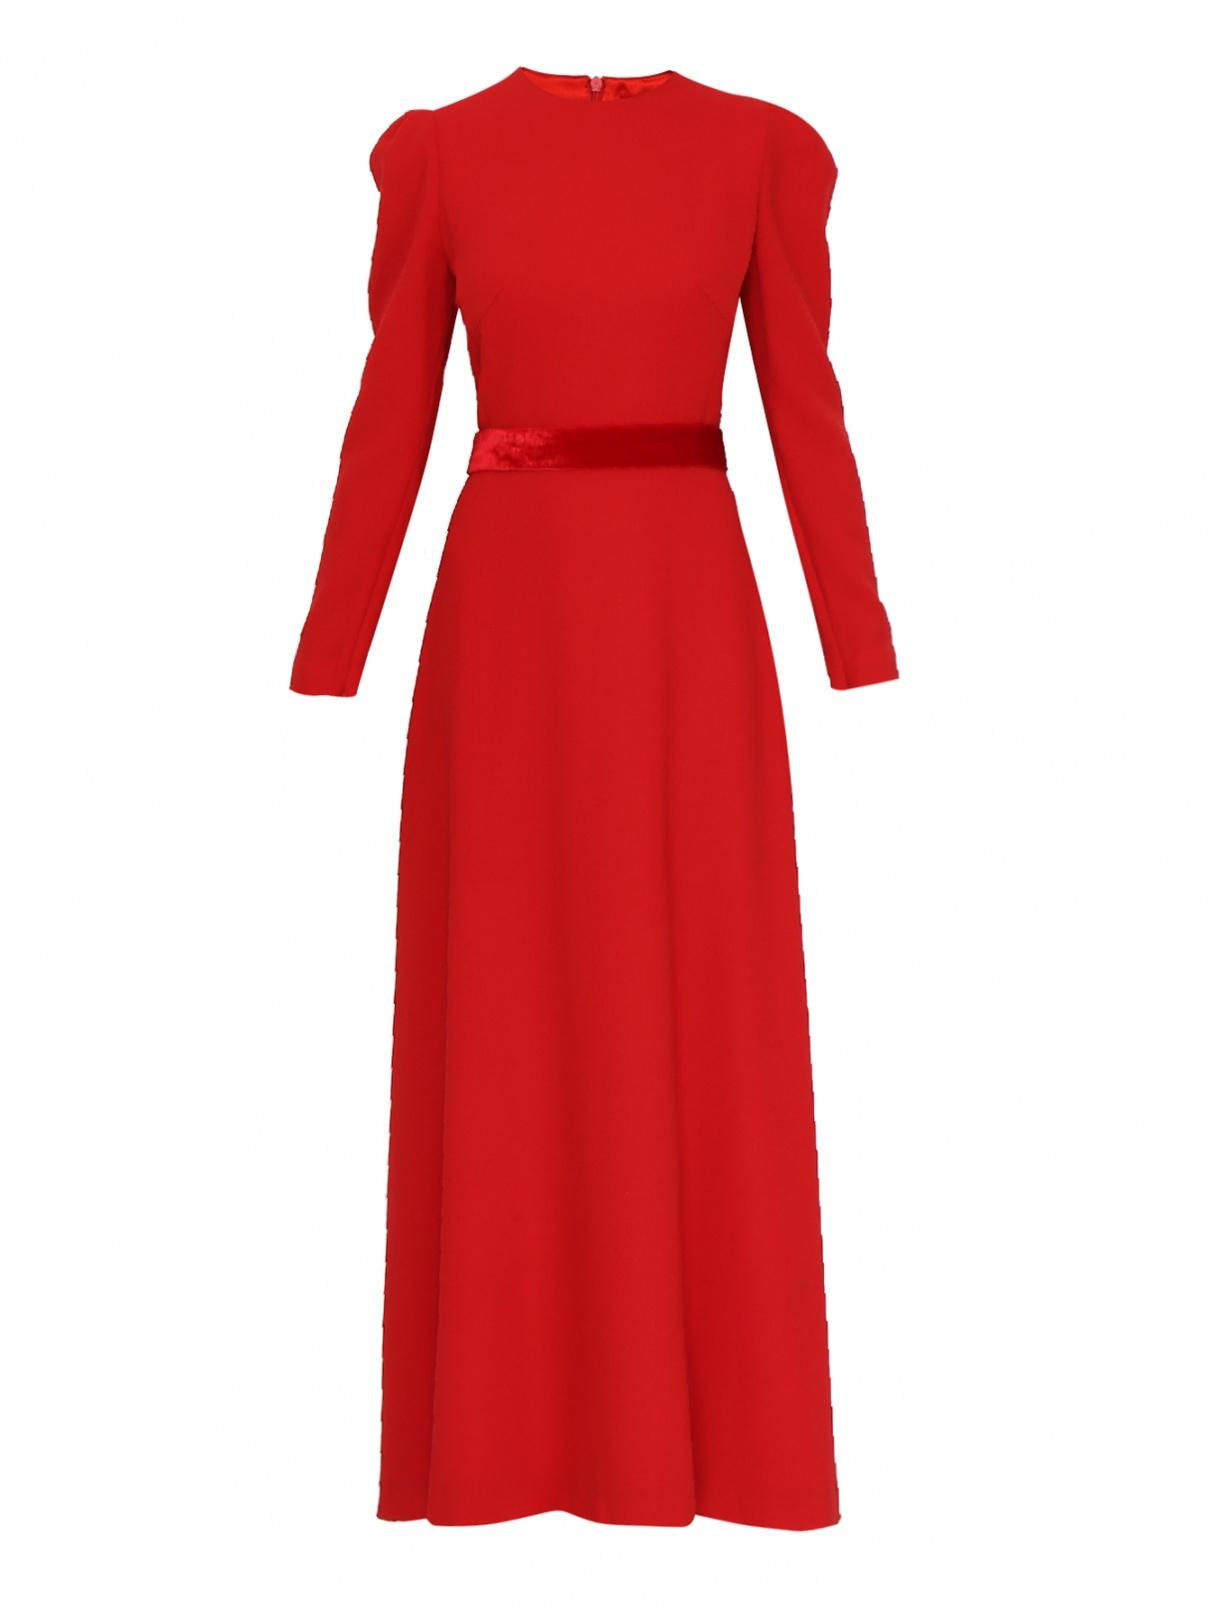 Платье А-силуэта из шерсти Yanina  –  Общий вид  – Цвет:  Красный